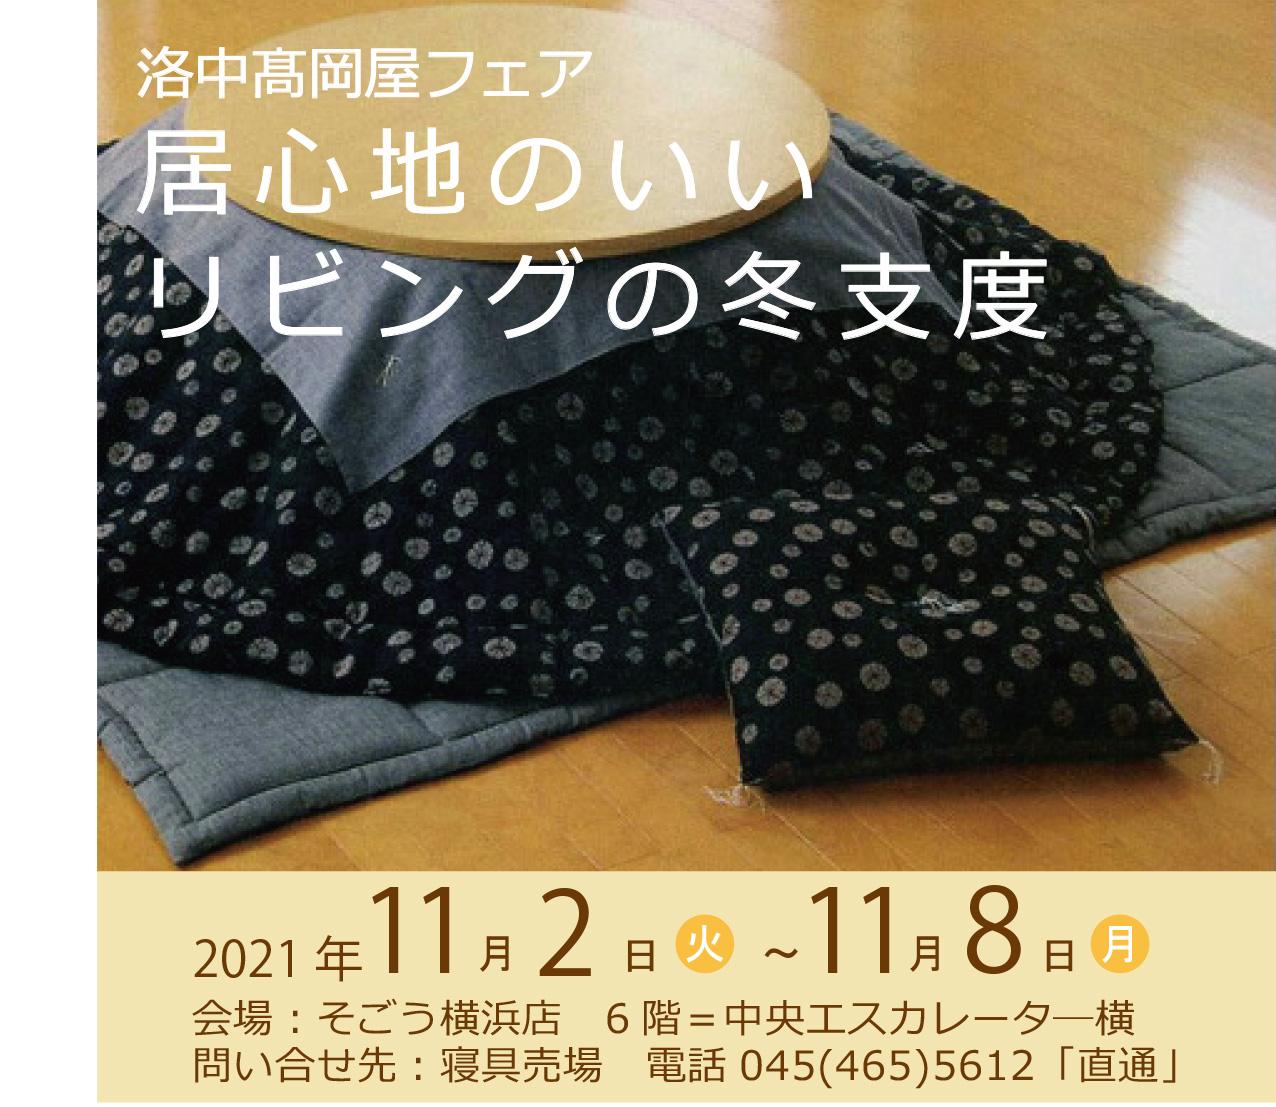 そごう横浜店 6階寝具売場イベントのご案内(11/2~11/8)